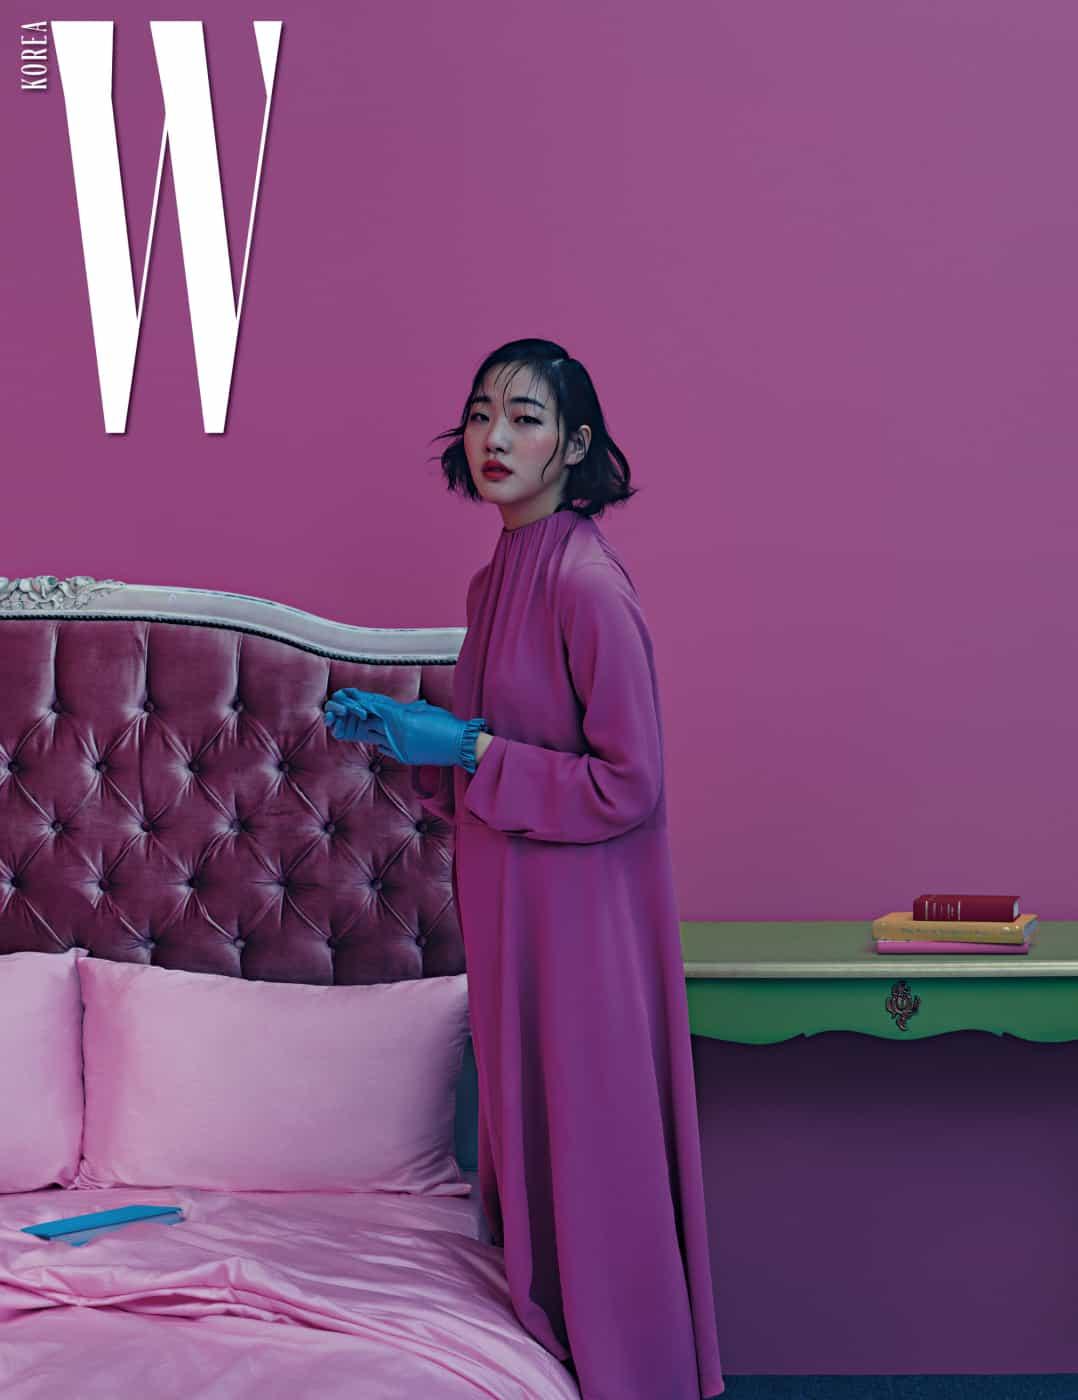 주름 장식의 하이 네크라인으로 레트로 무드를 가미한 분홍색 드레스와 러플 장식의 푸른색 장갑은 Balenciaga 제품.